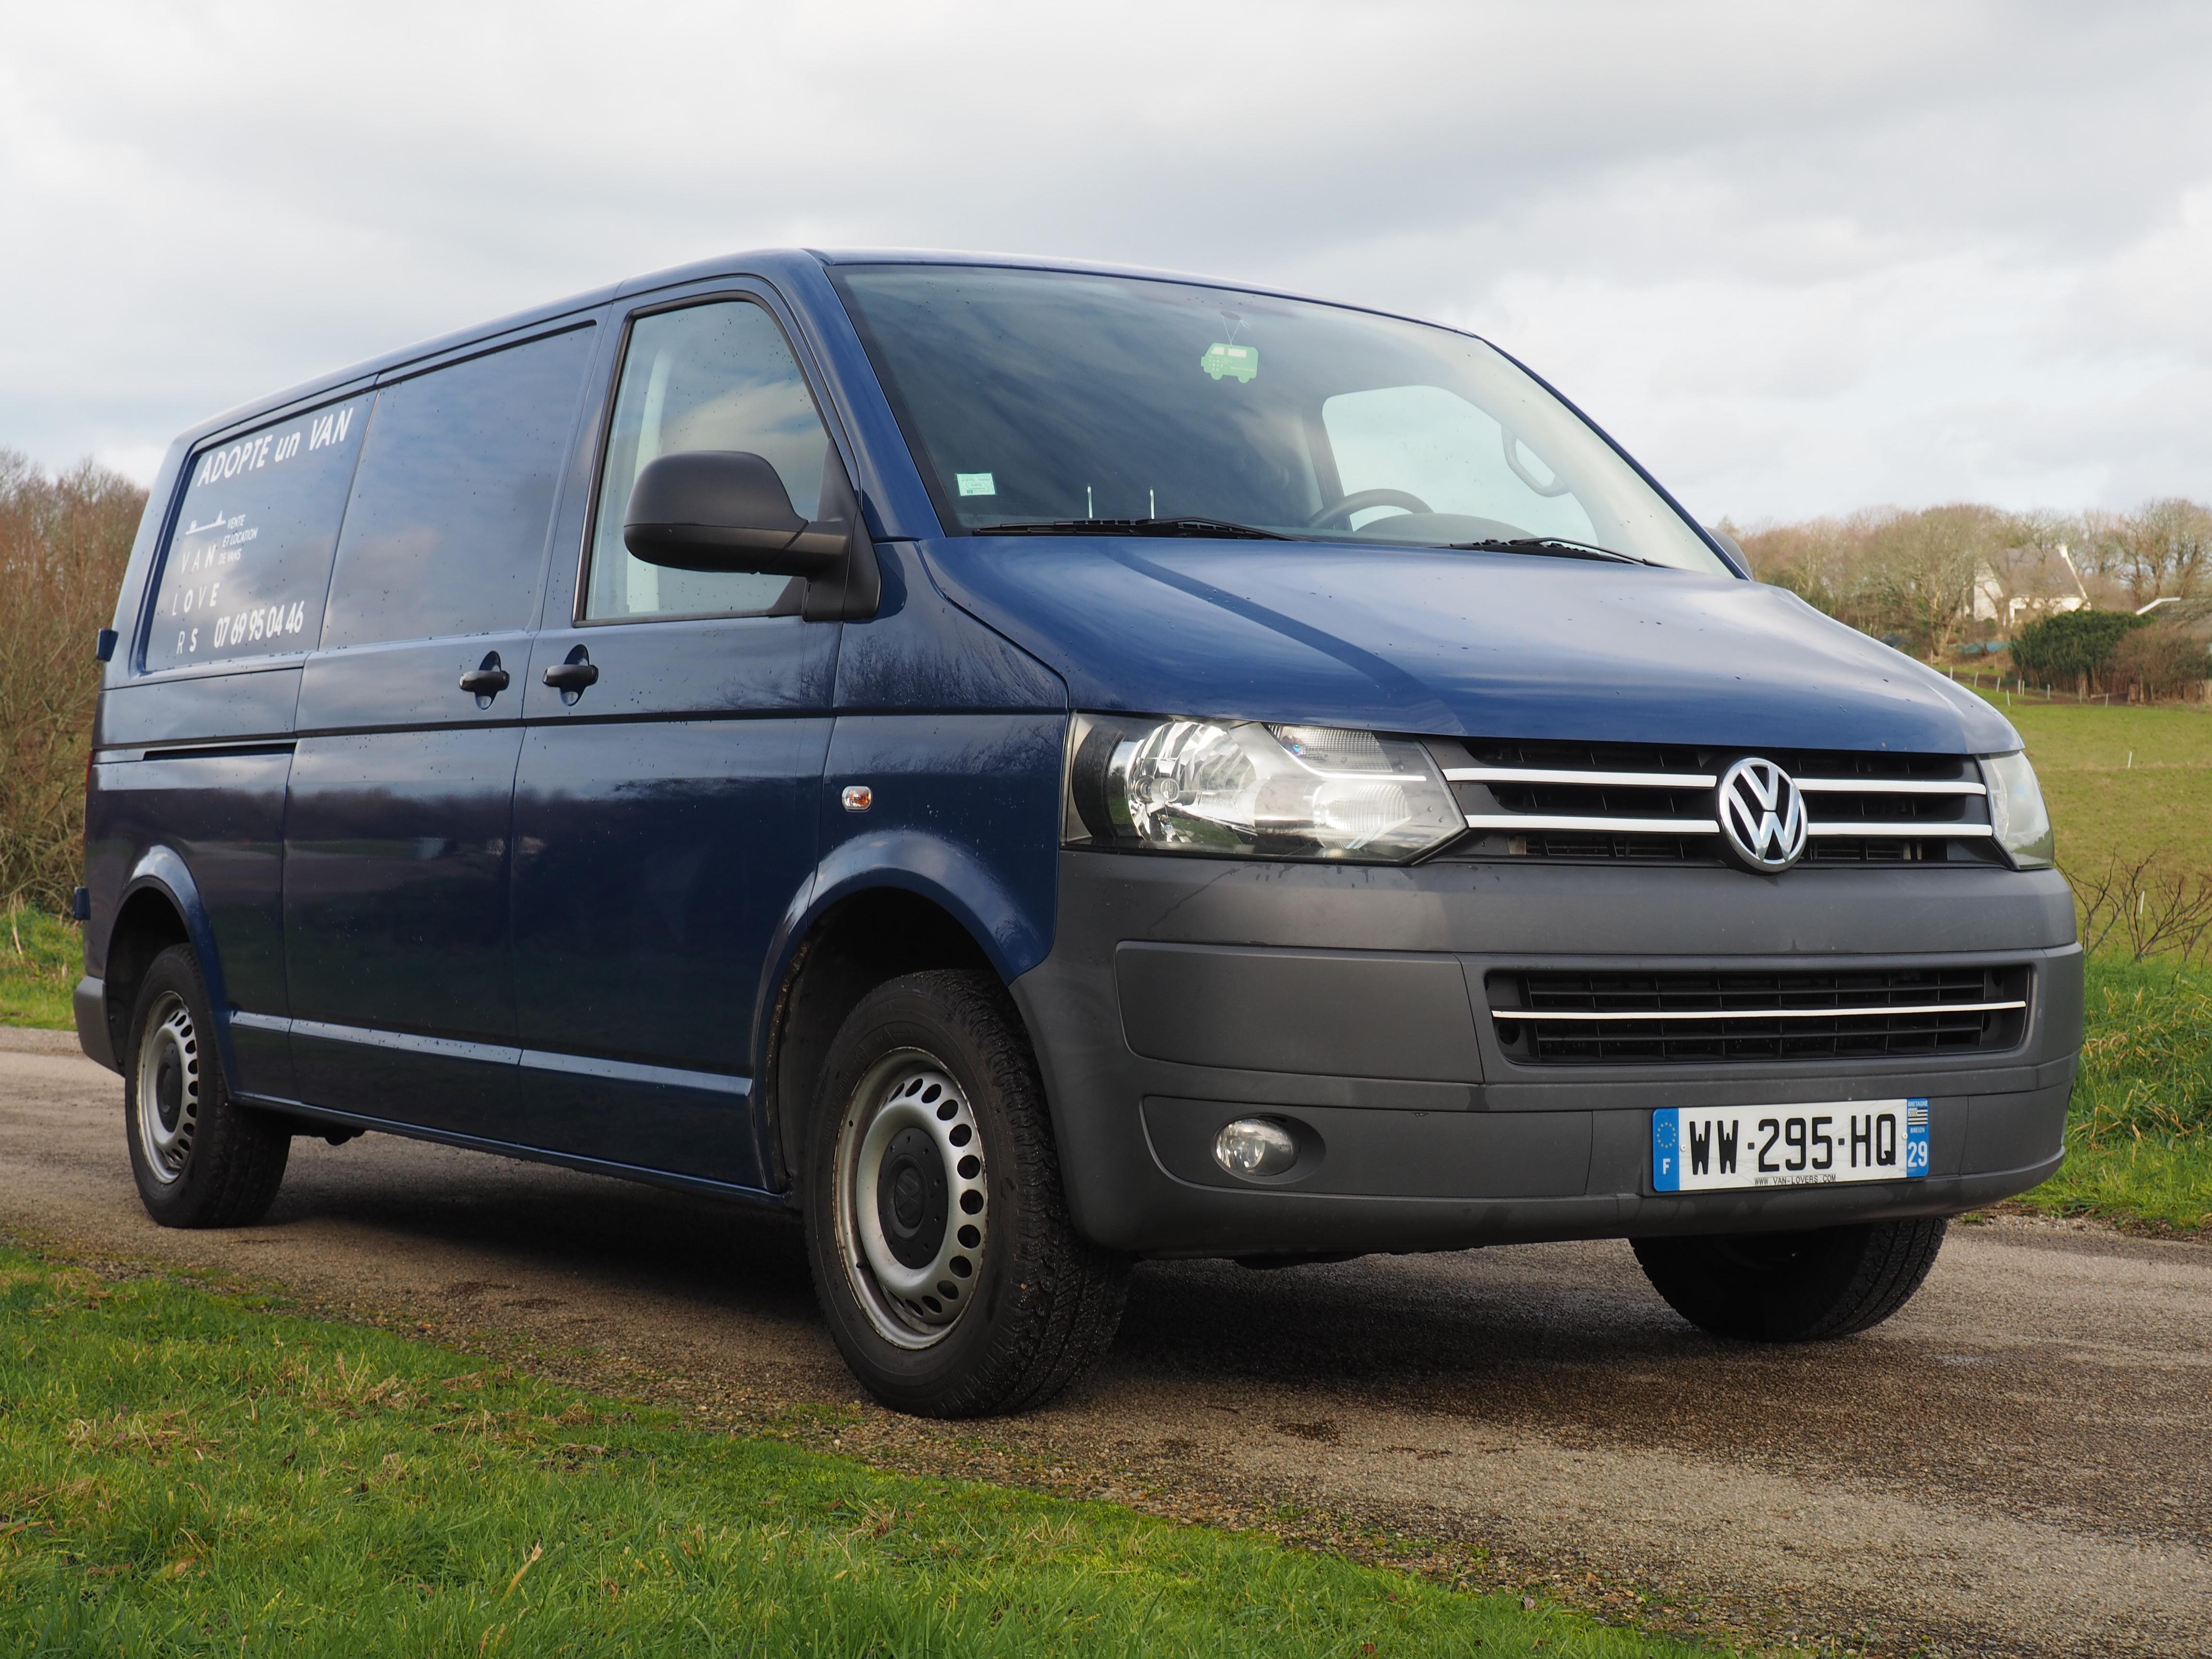 VW Transporter VU